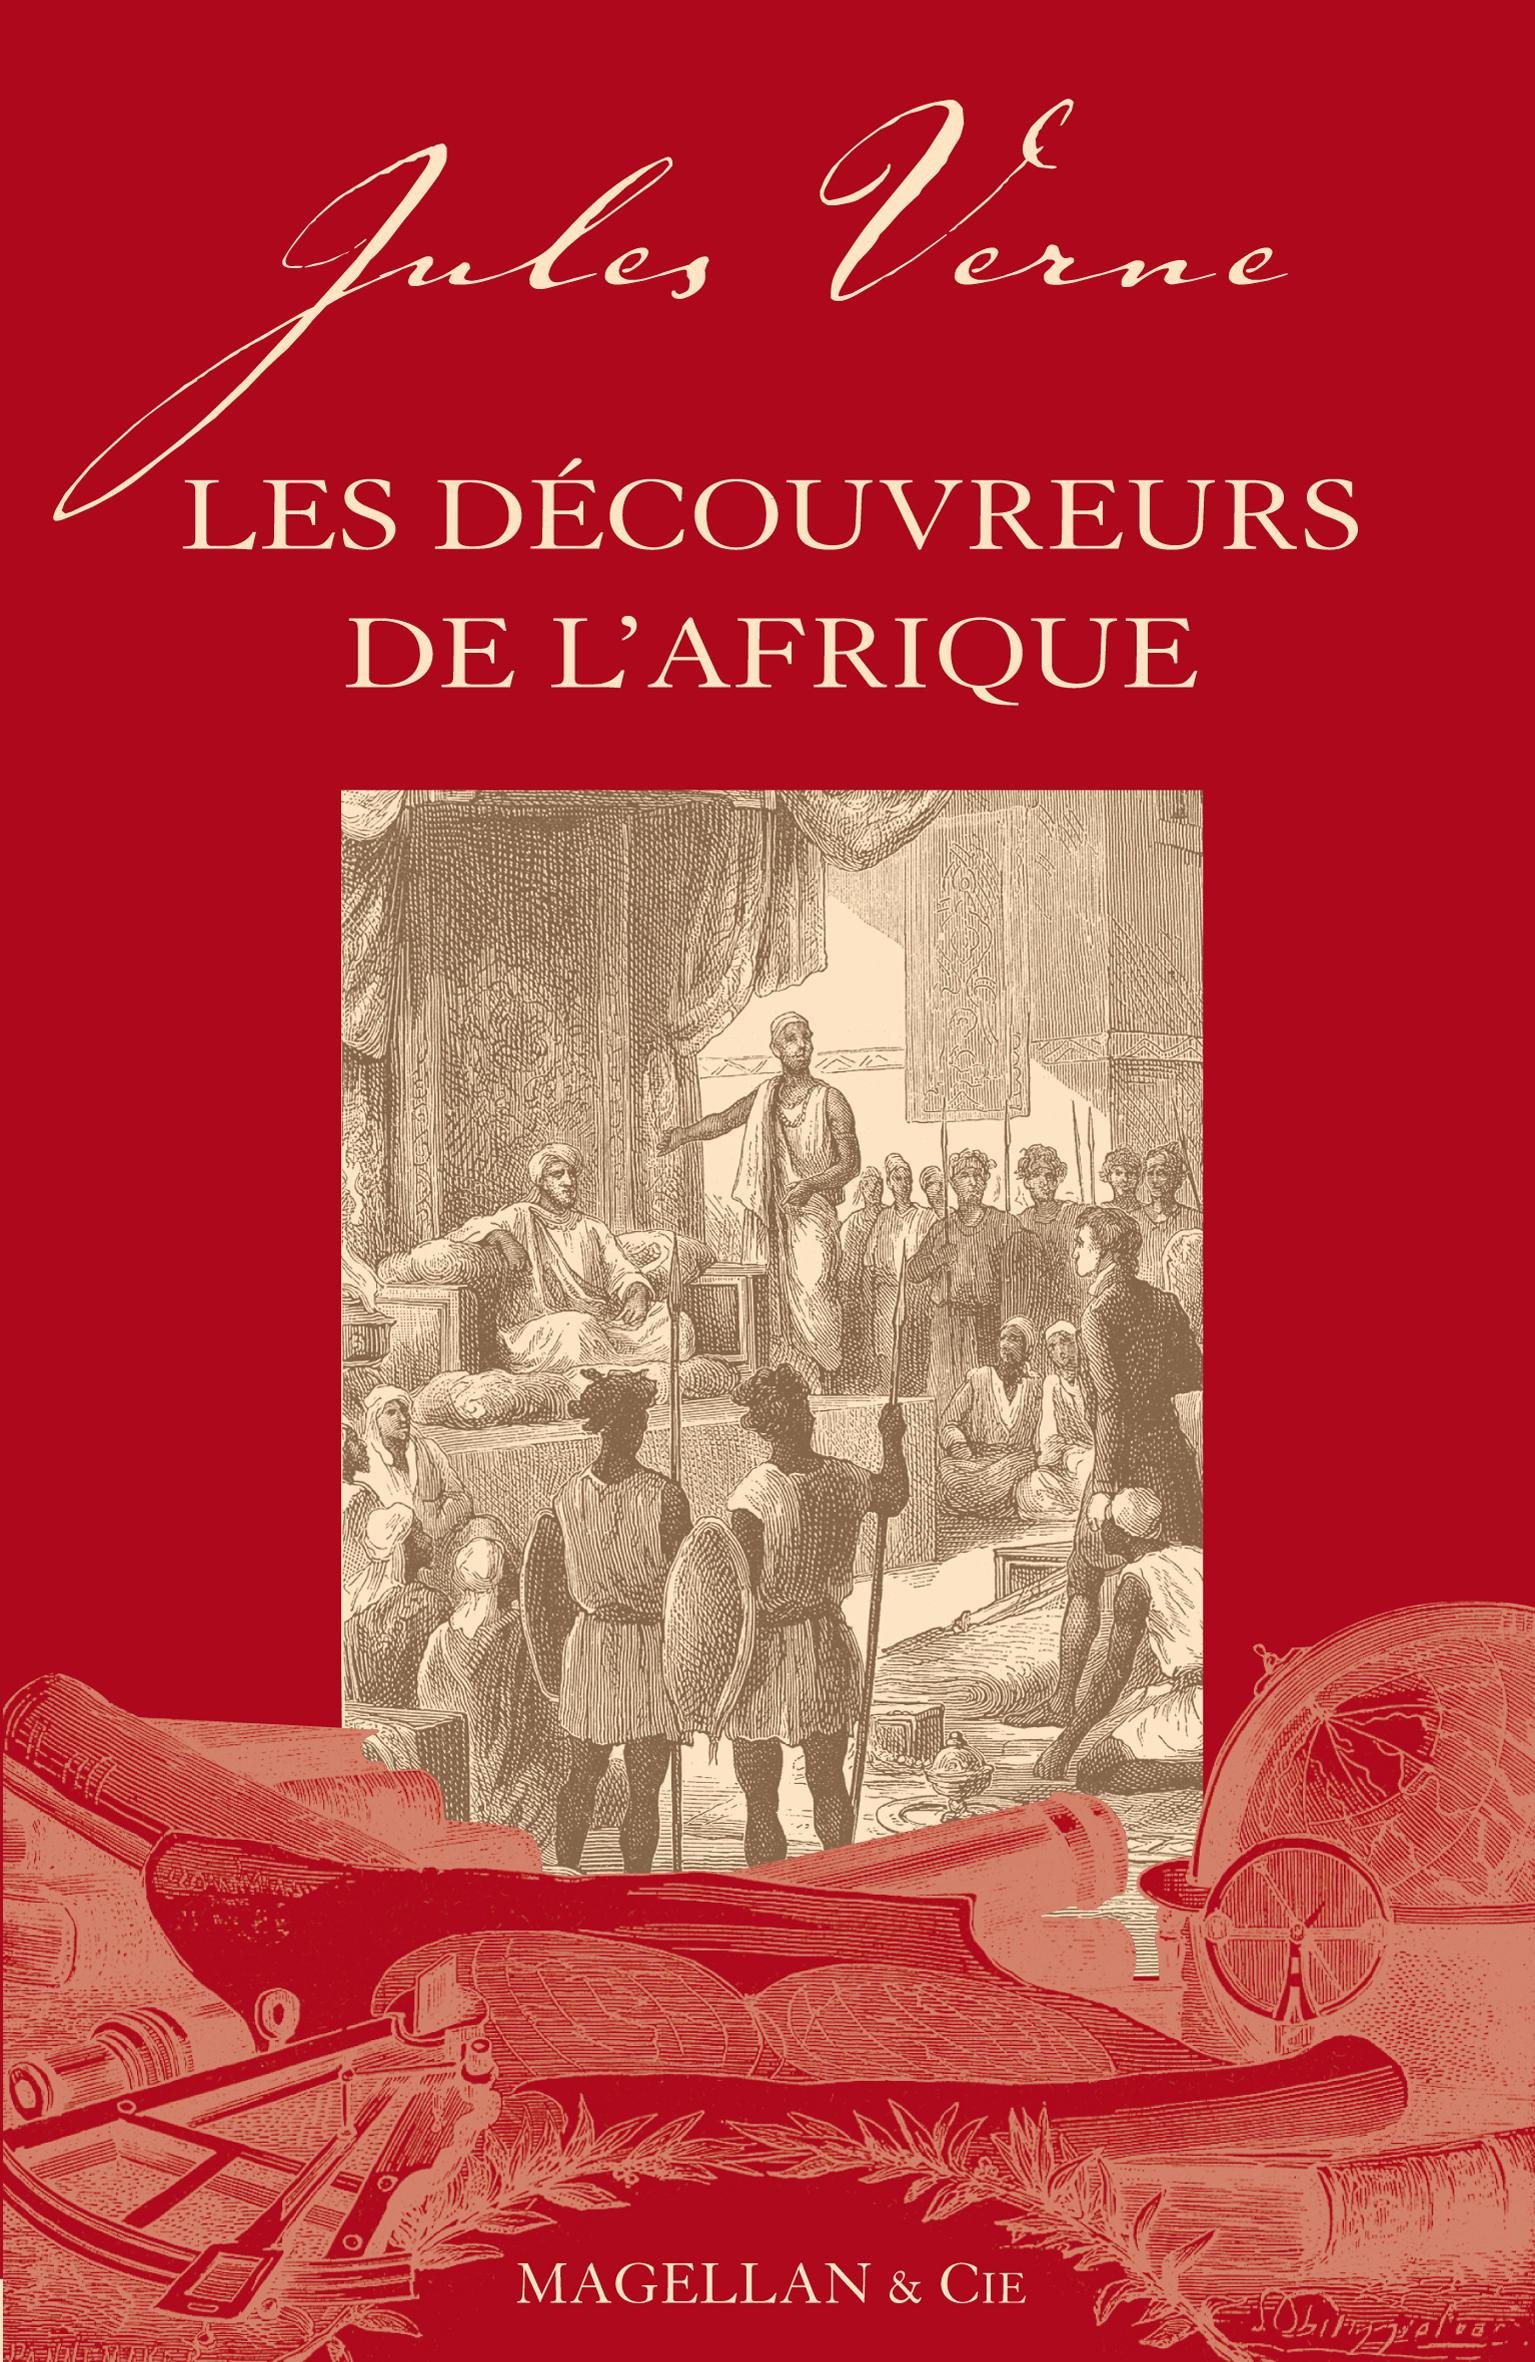 LES DECOUVREURS DE L'AFRIQUE  - VERNE JULES